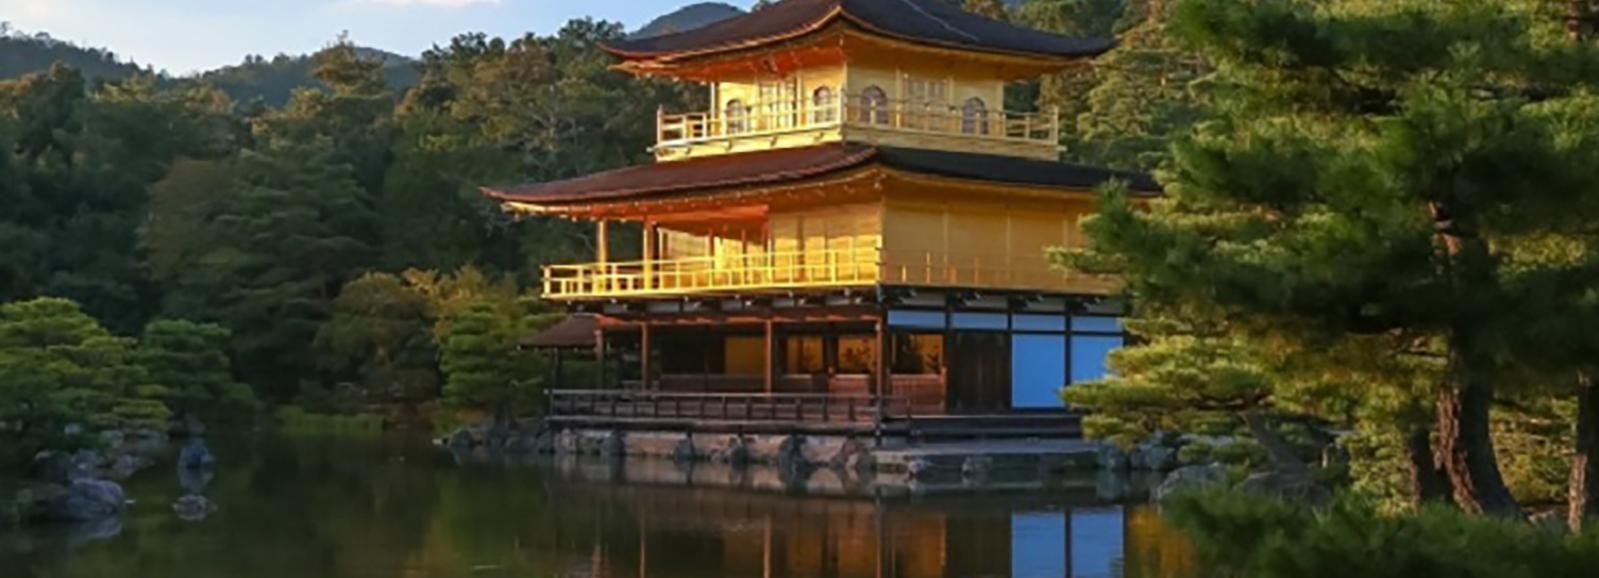 Desde Osaka/Kioto: tour de 1 día en autobús a Kioto y Nara